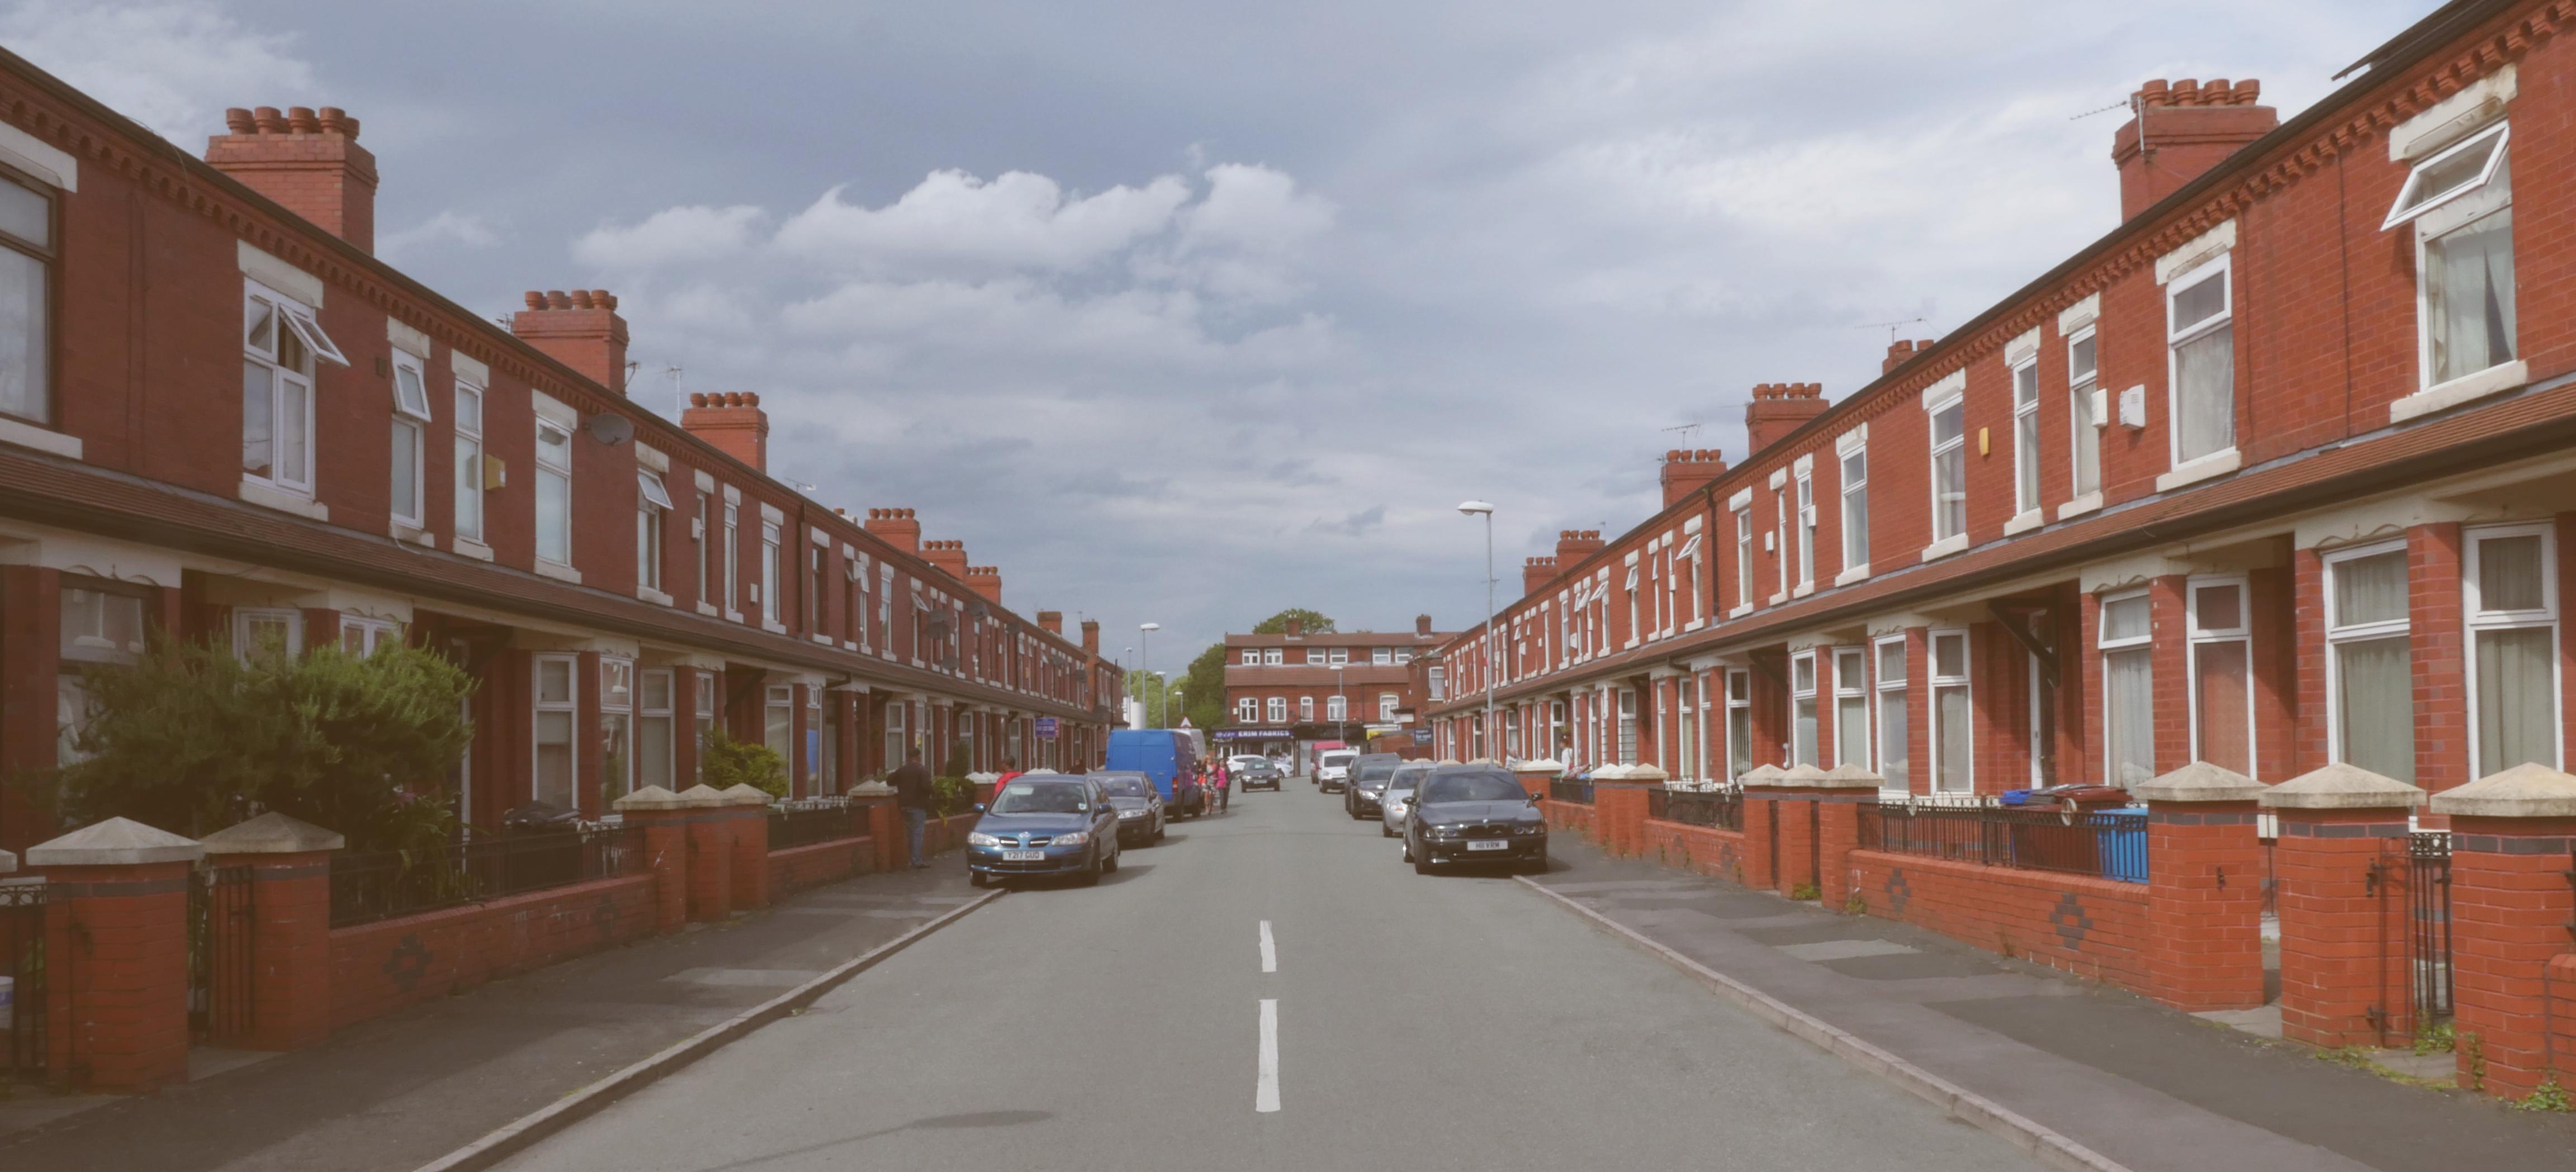 Jak si najít bydlení v Manchesteru